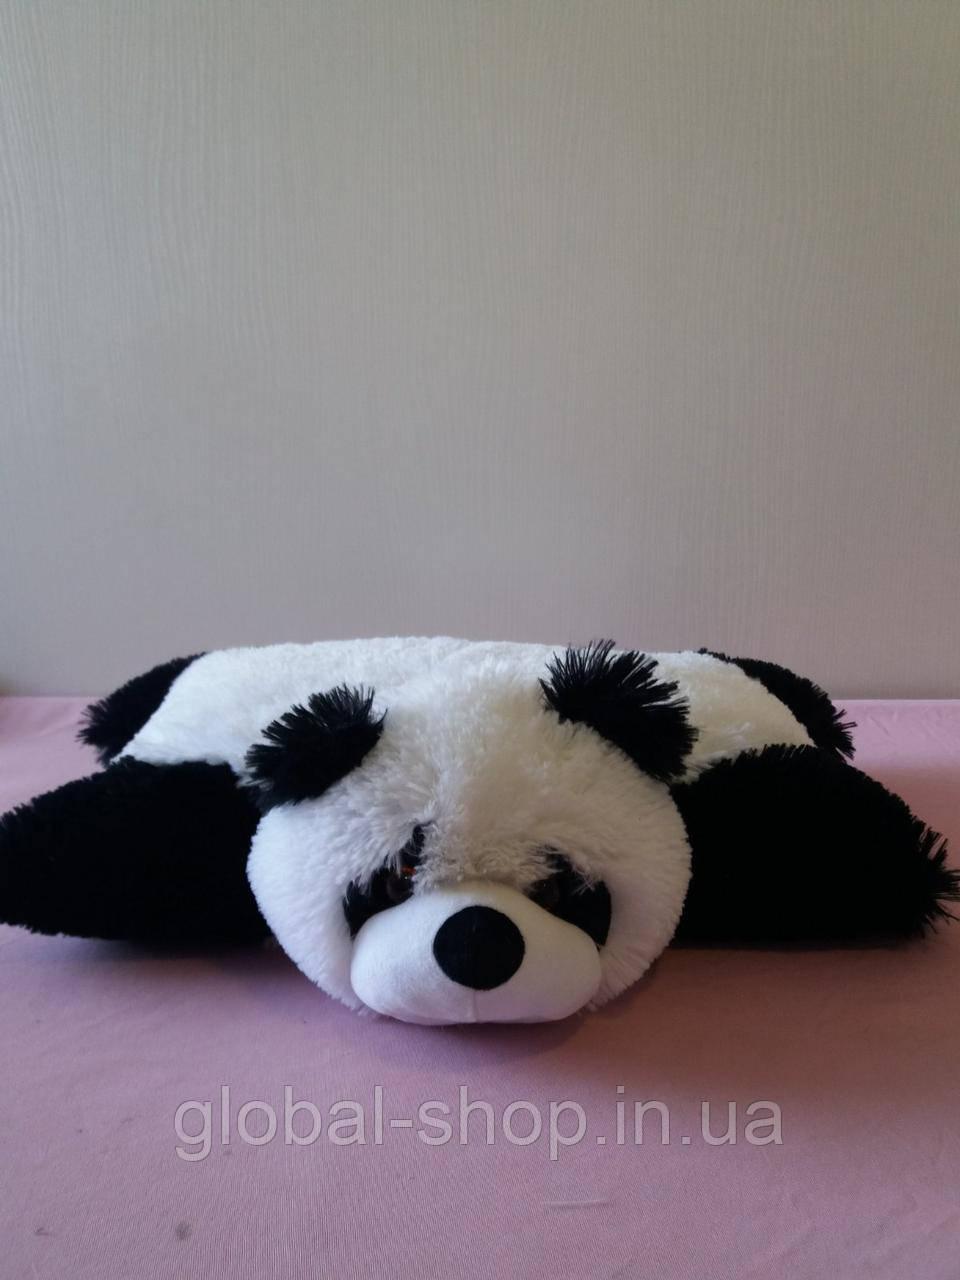 Детская мягкая подушка игрушка Панда